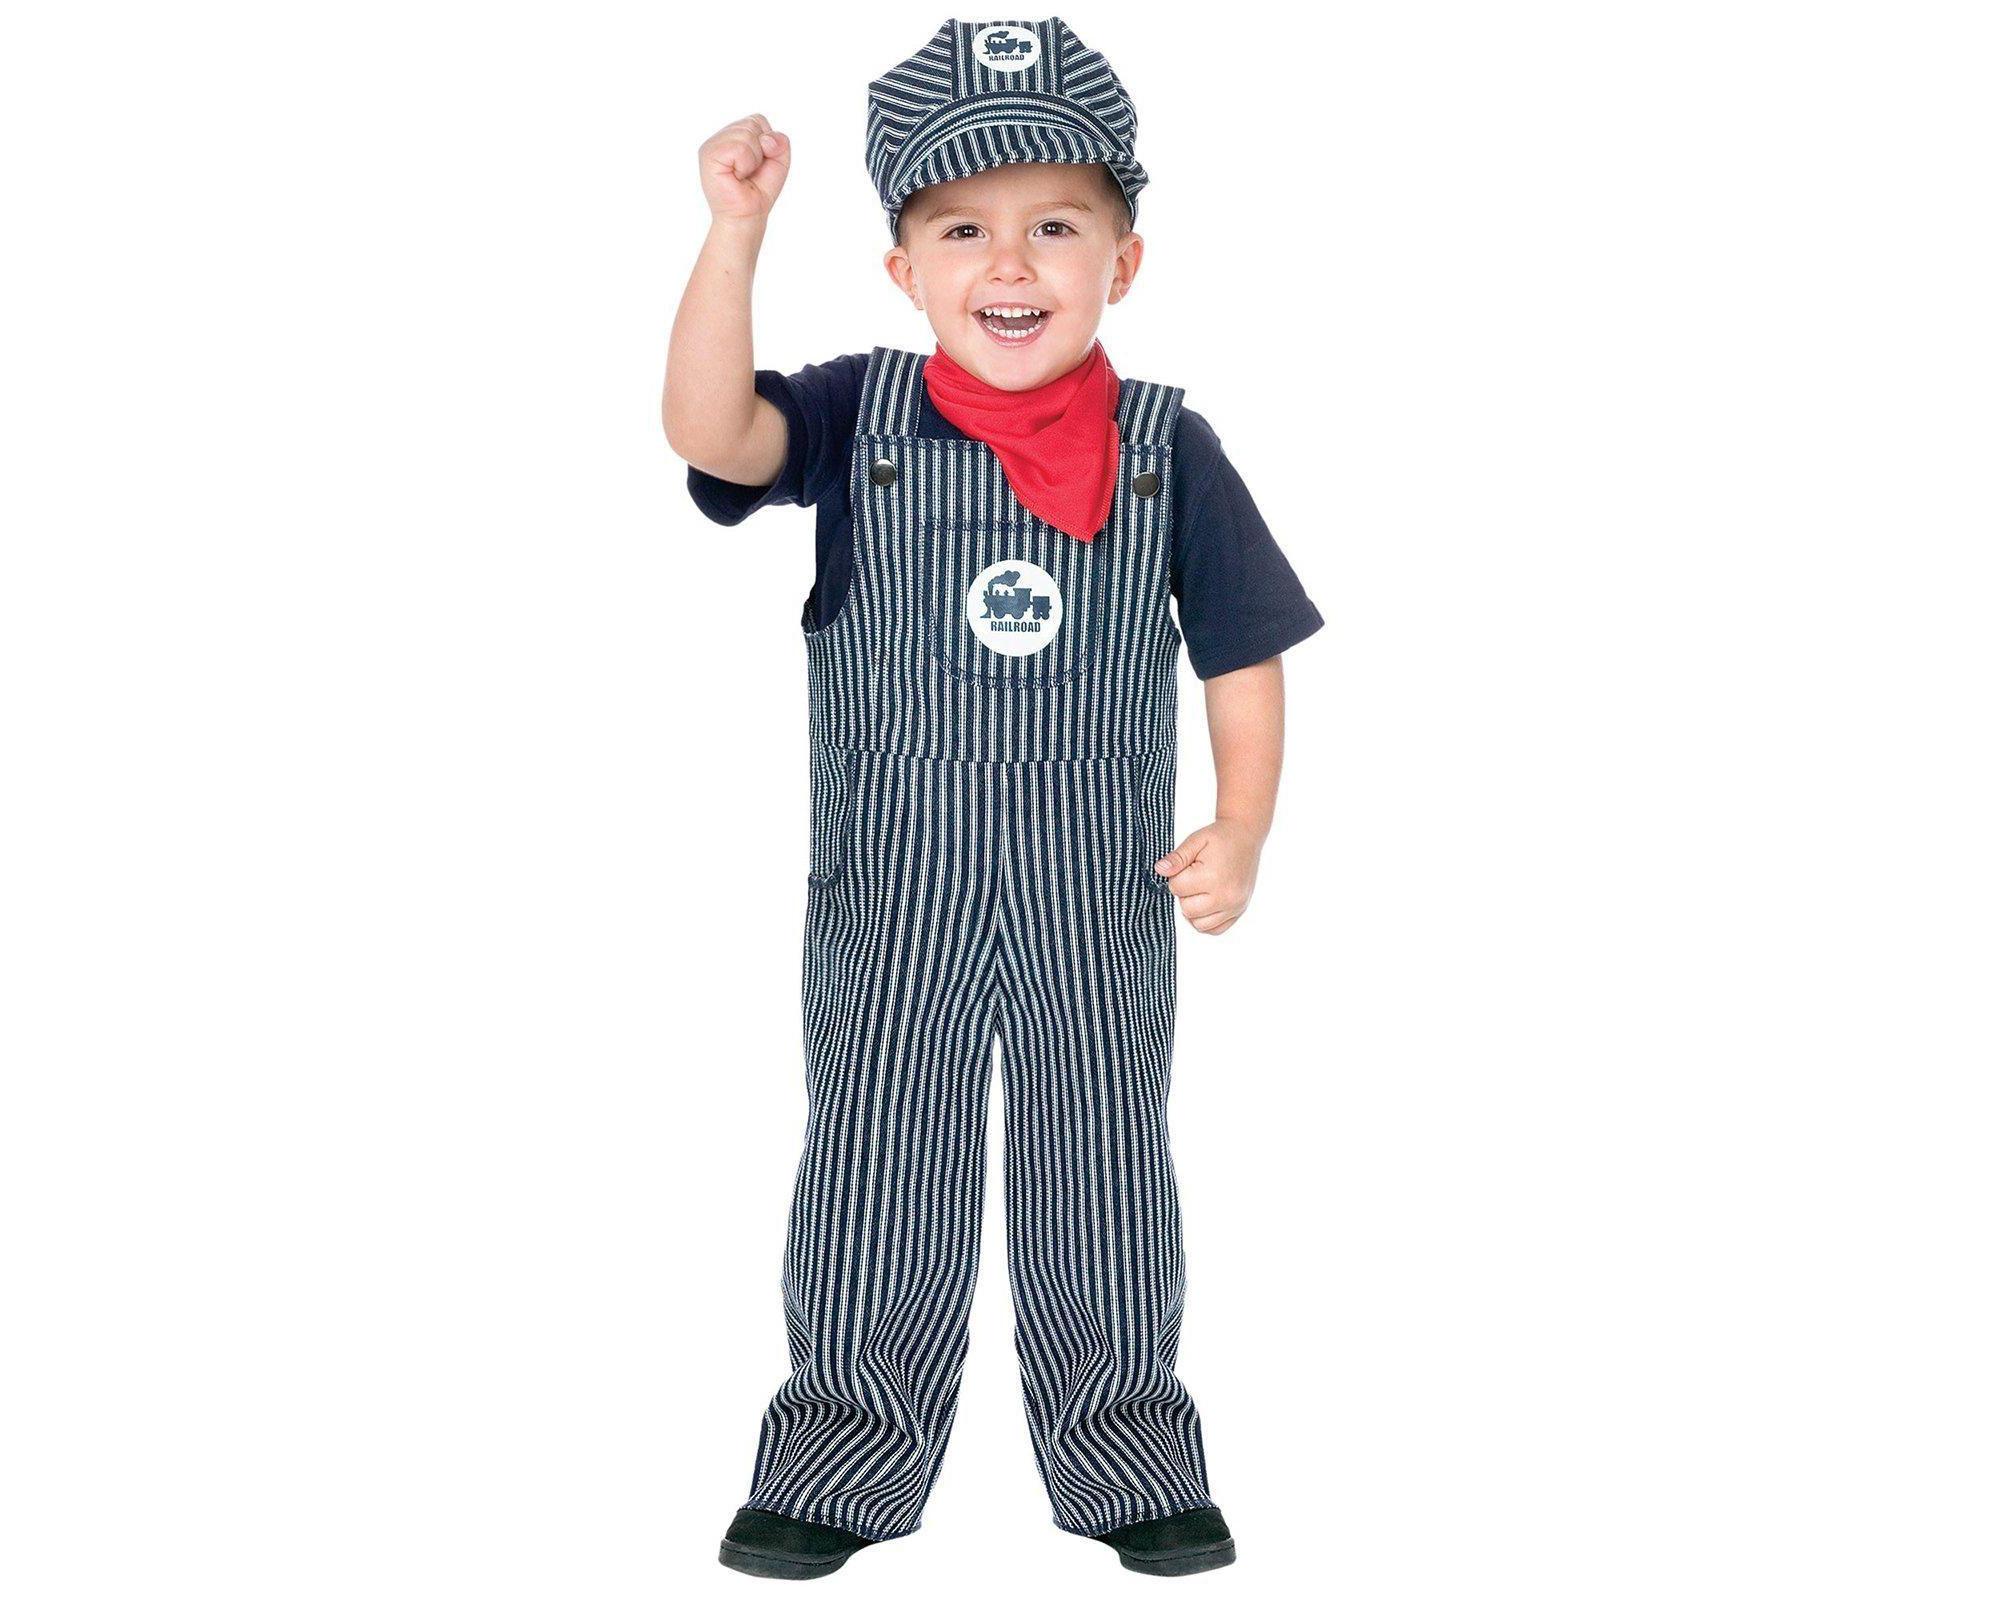 upc 788677088872 - fun world costumes baby's train engineer toddler